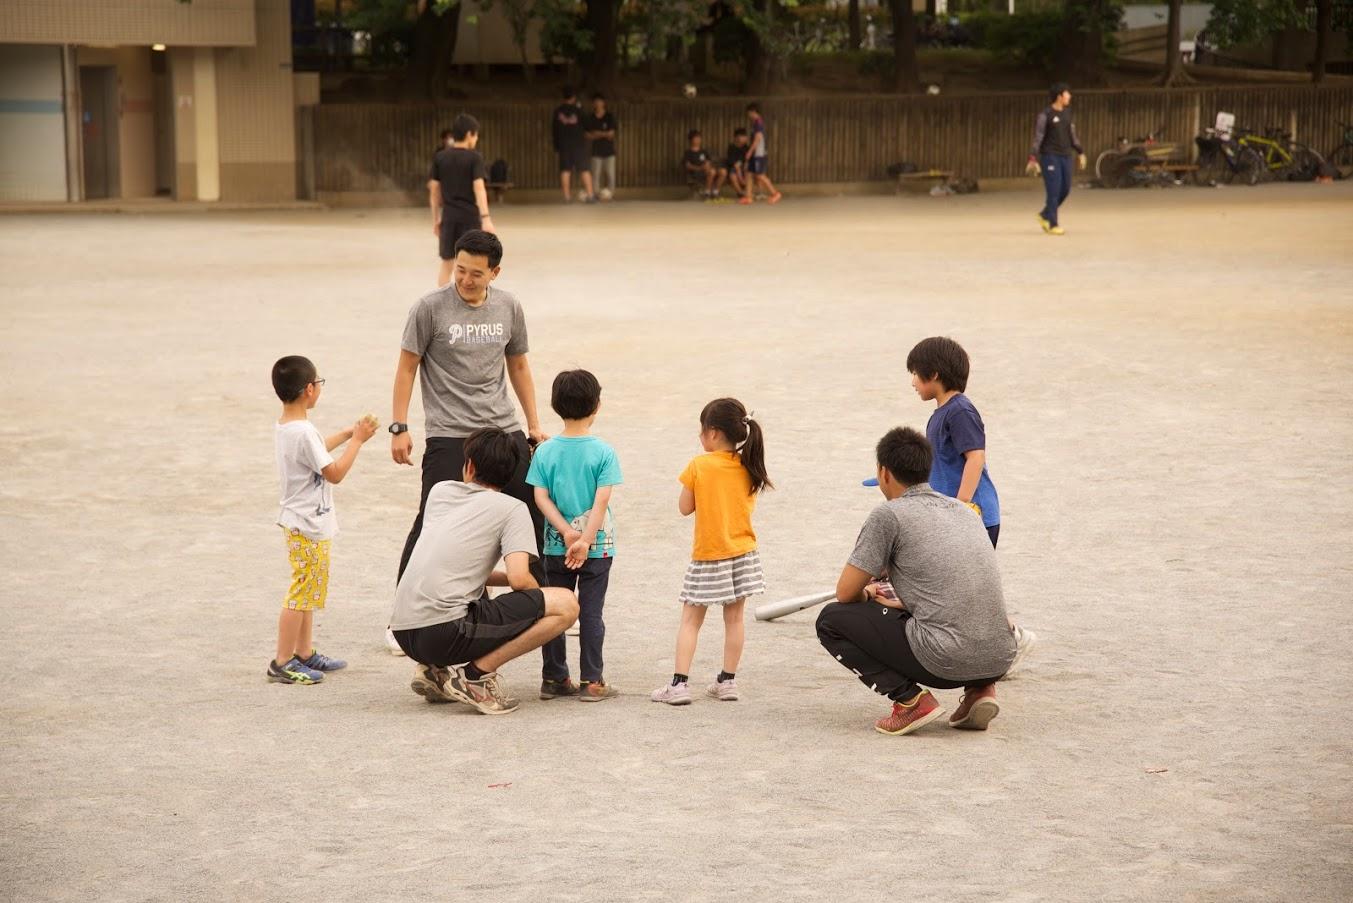 少年野球における怪我防止は子どもの将来のため|アスレティックトレーナー視点